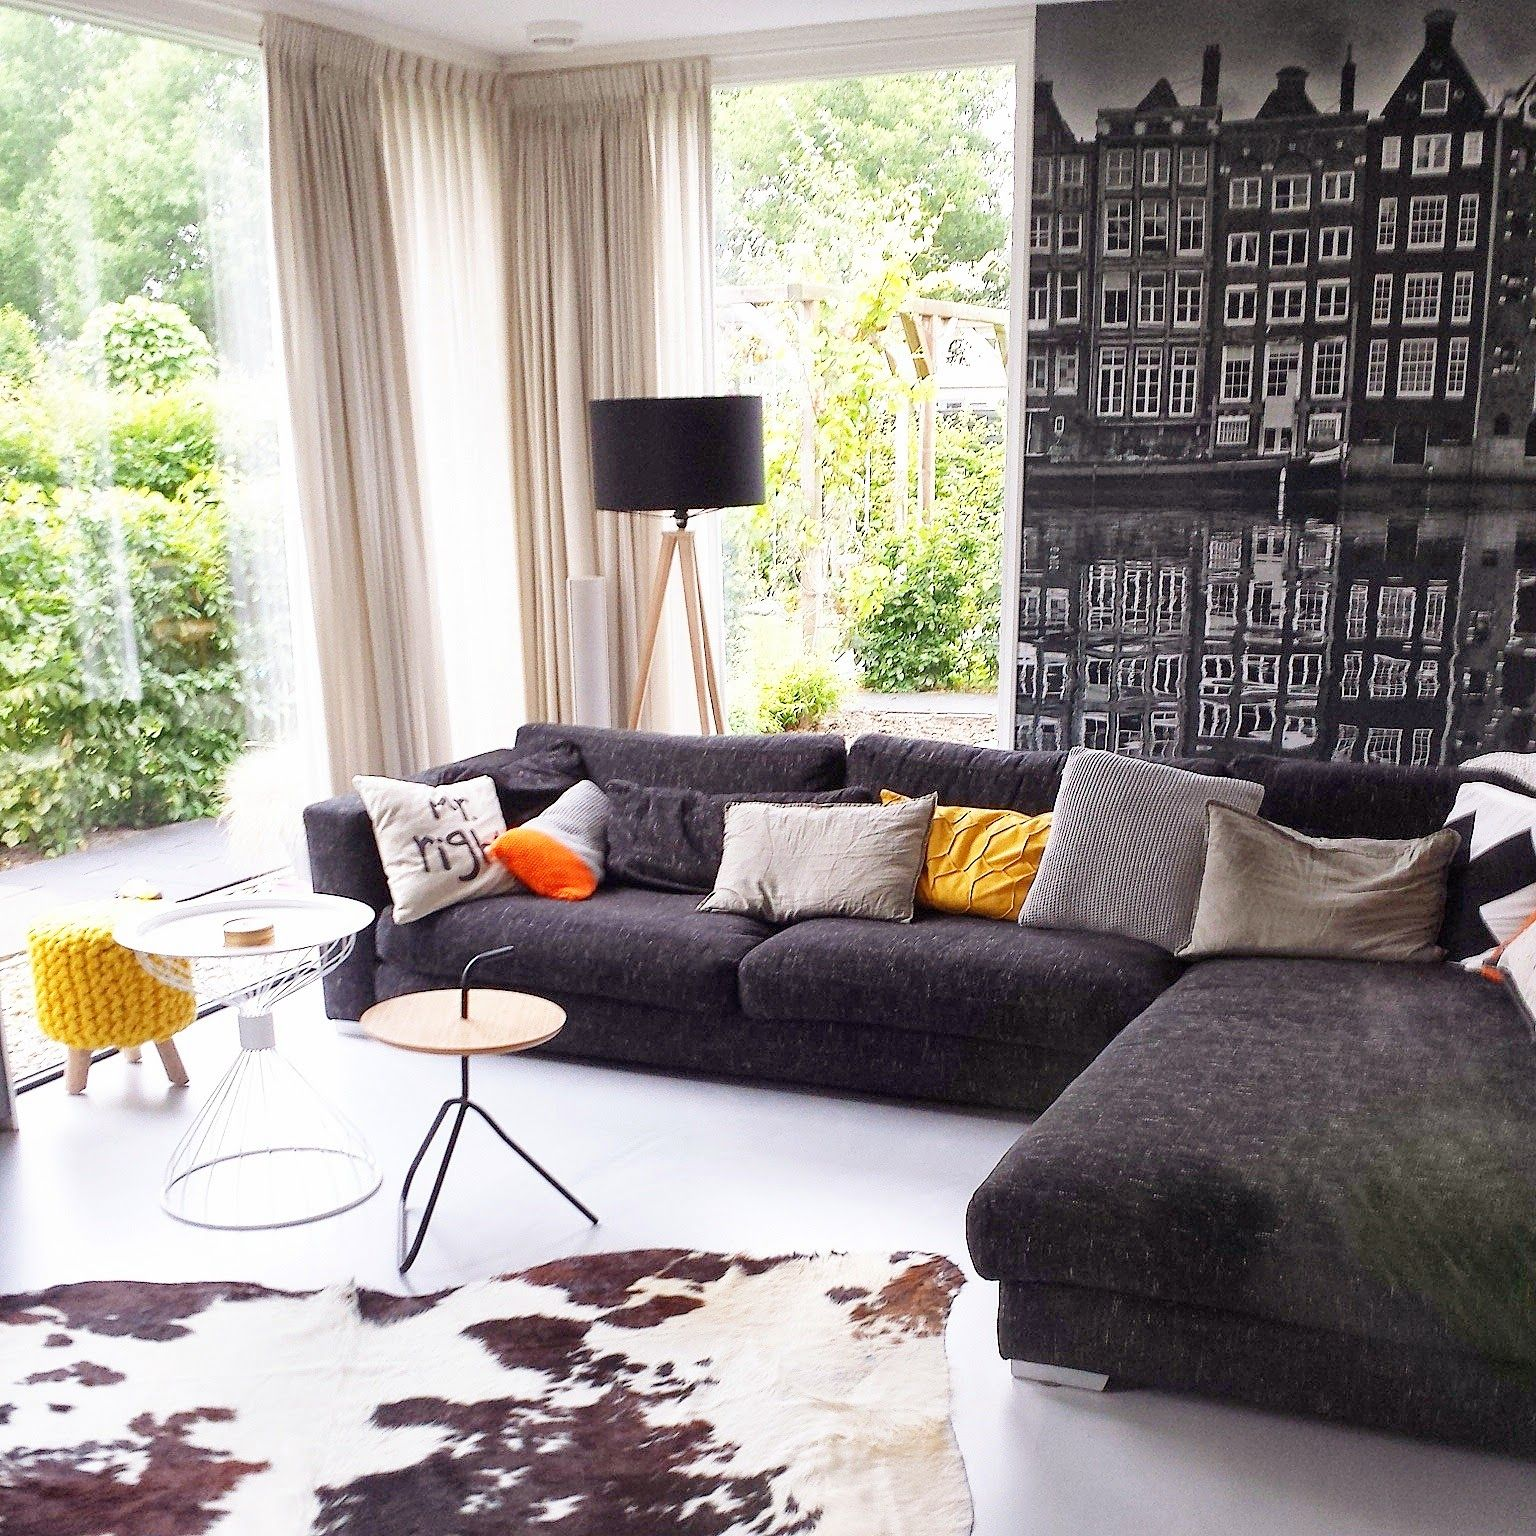 personaliseer je interieur met fotobehang woonkamer ideeà n